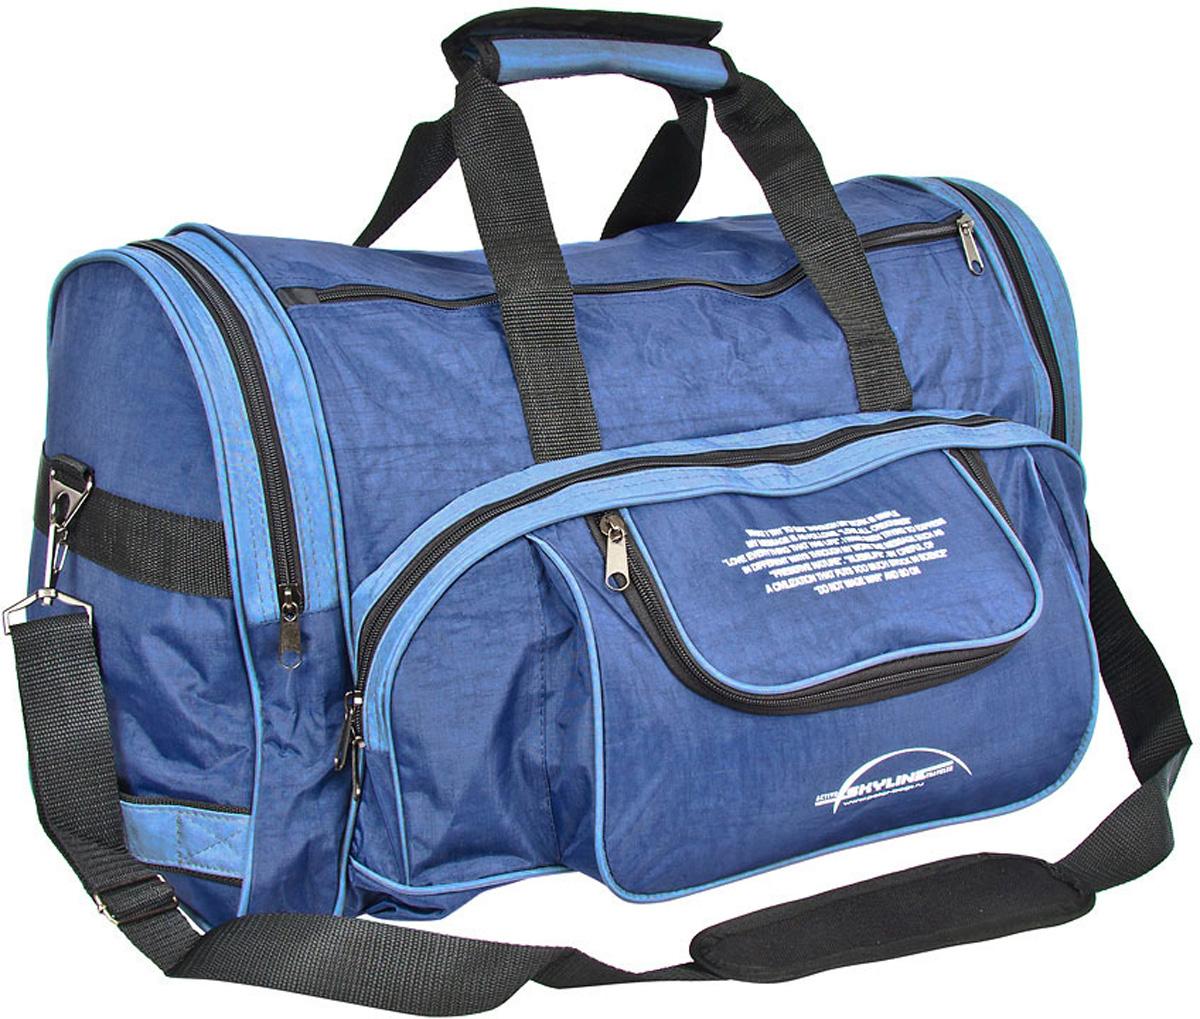 Сумка спортивная Polar Тревел, цвет: синий, голубой, 44,5 л. 6066 сумка спортивная polar цвет темно синий 46 5 л 5986